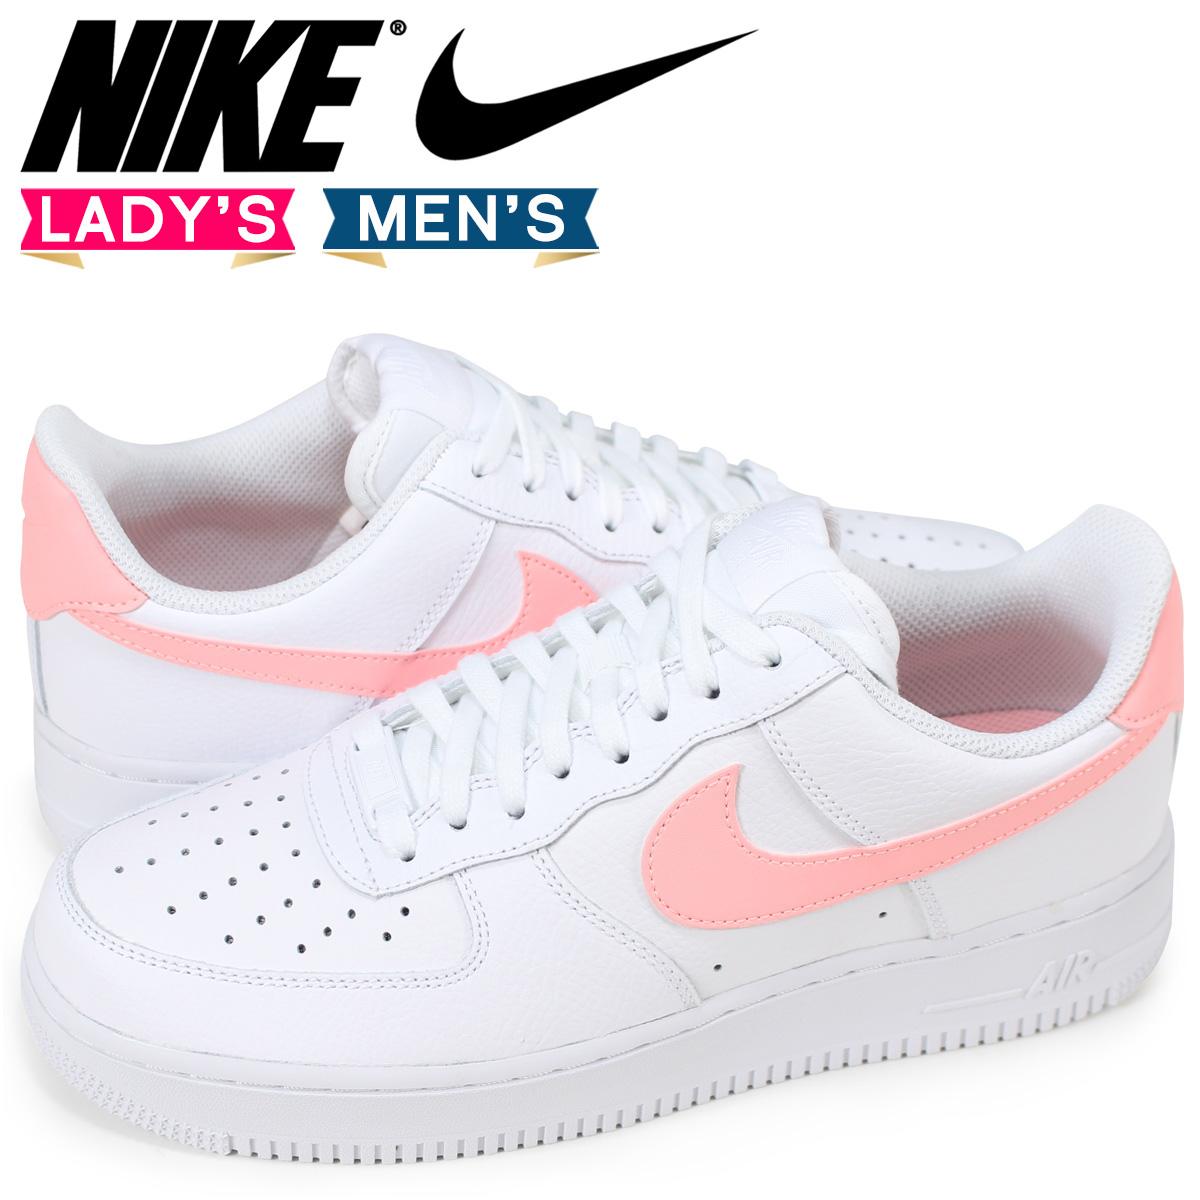 check out f49d3 ed2da ... boutique en ligne ligne en douce rakuten marché mondial nike nike air  force 1 baskets Madame ...